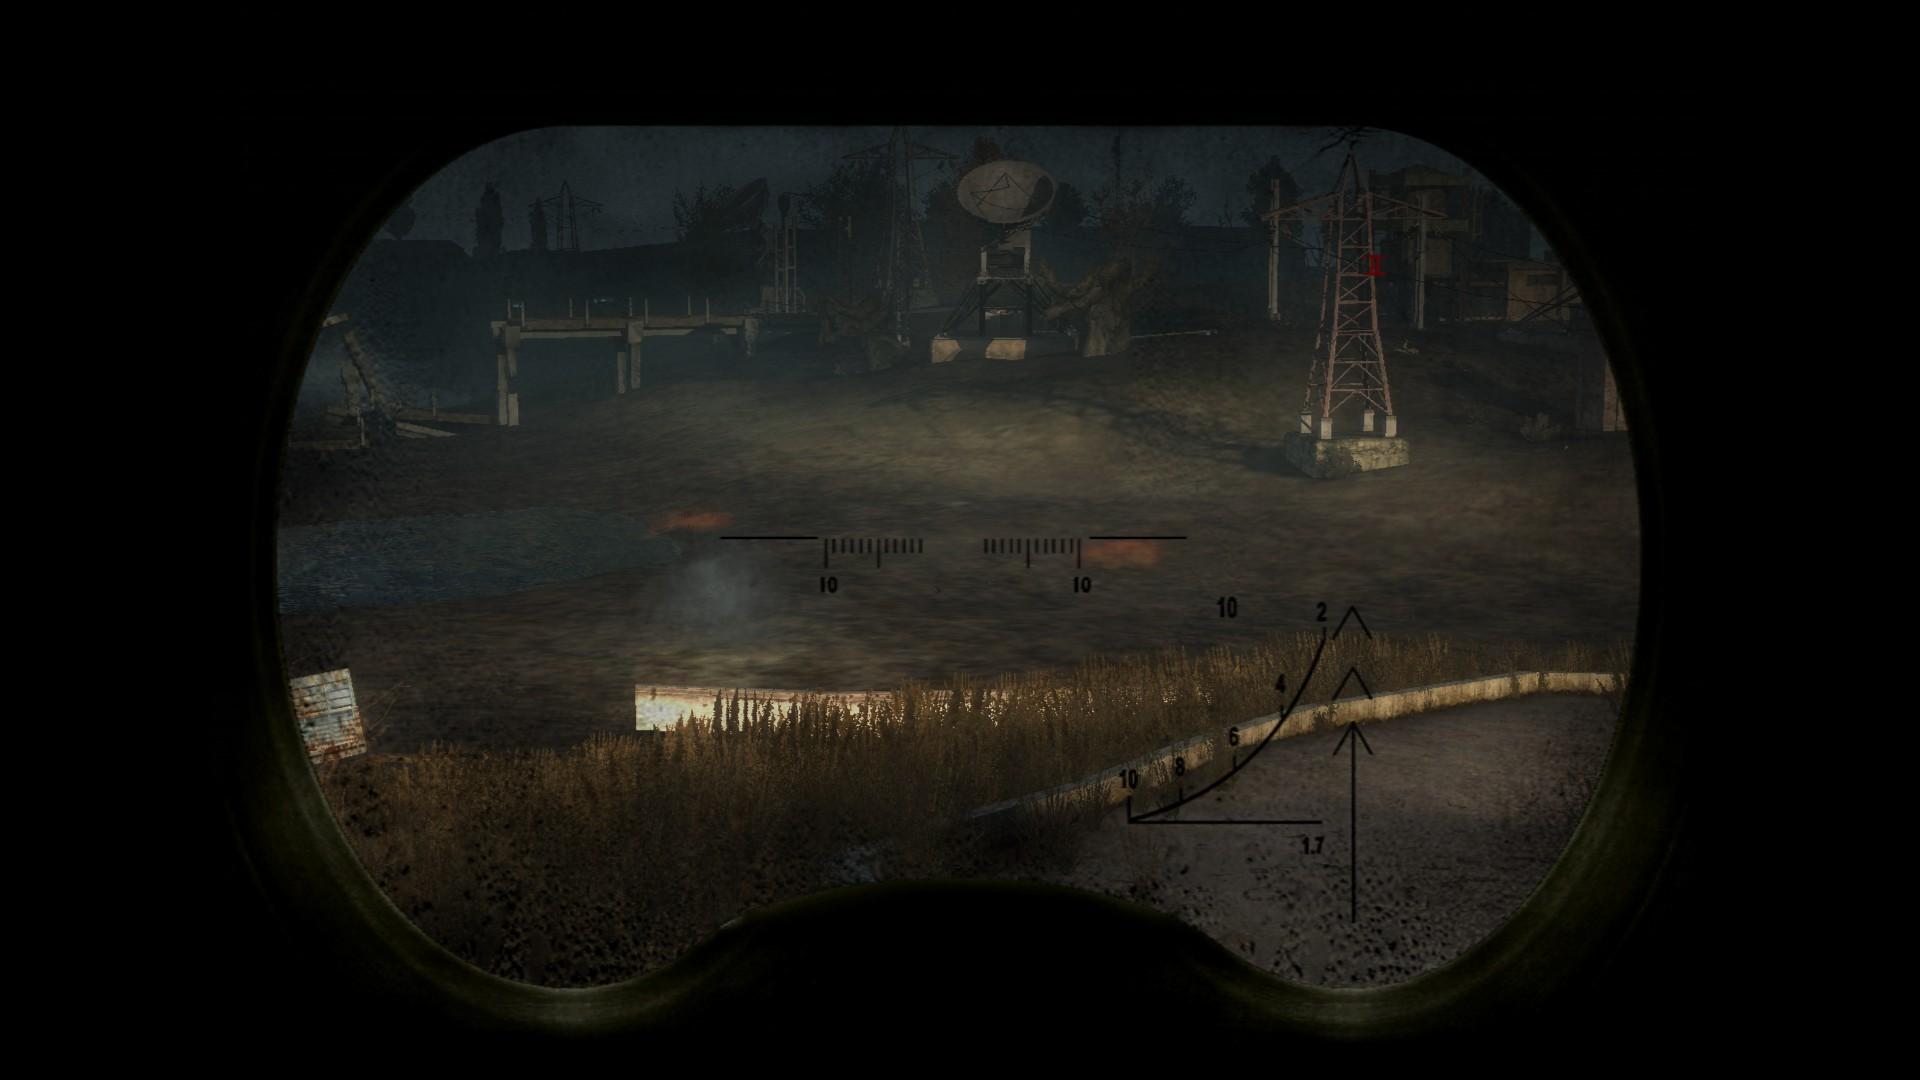 Oblivion Lost Remake 2.5 image 295